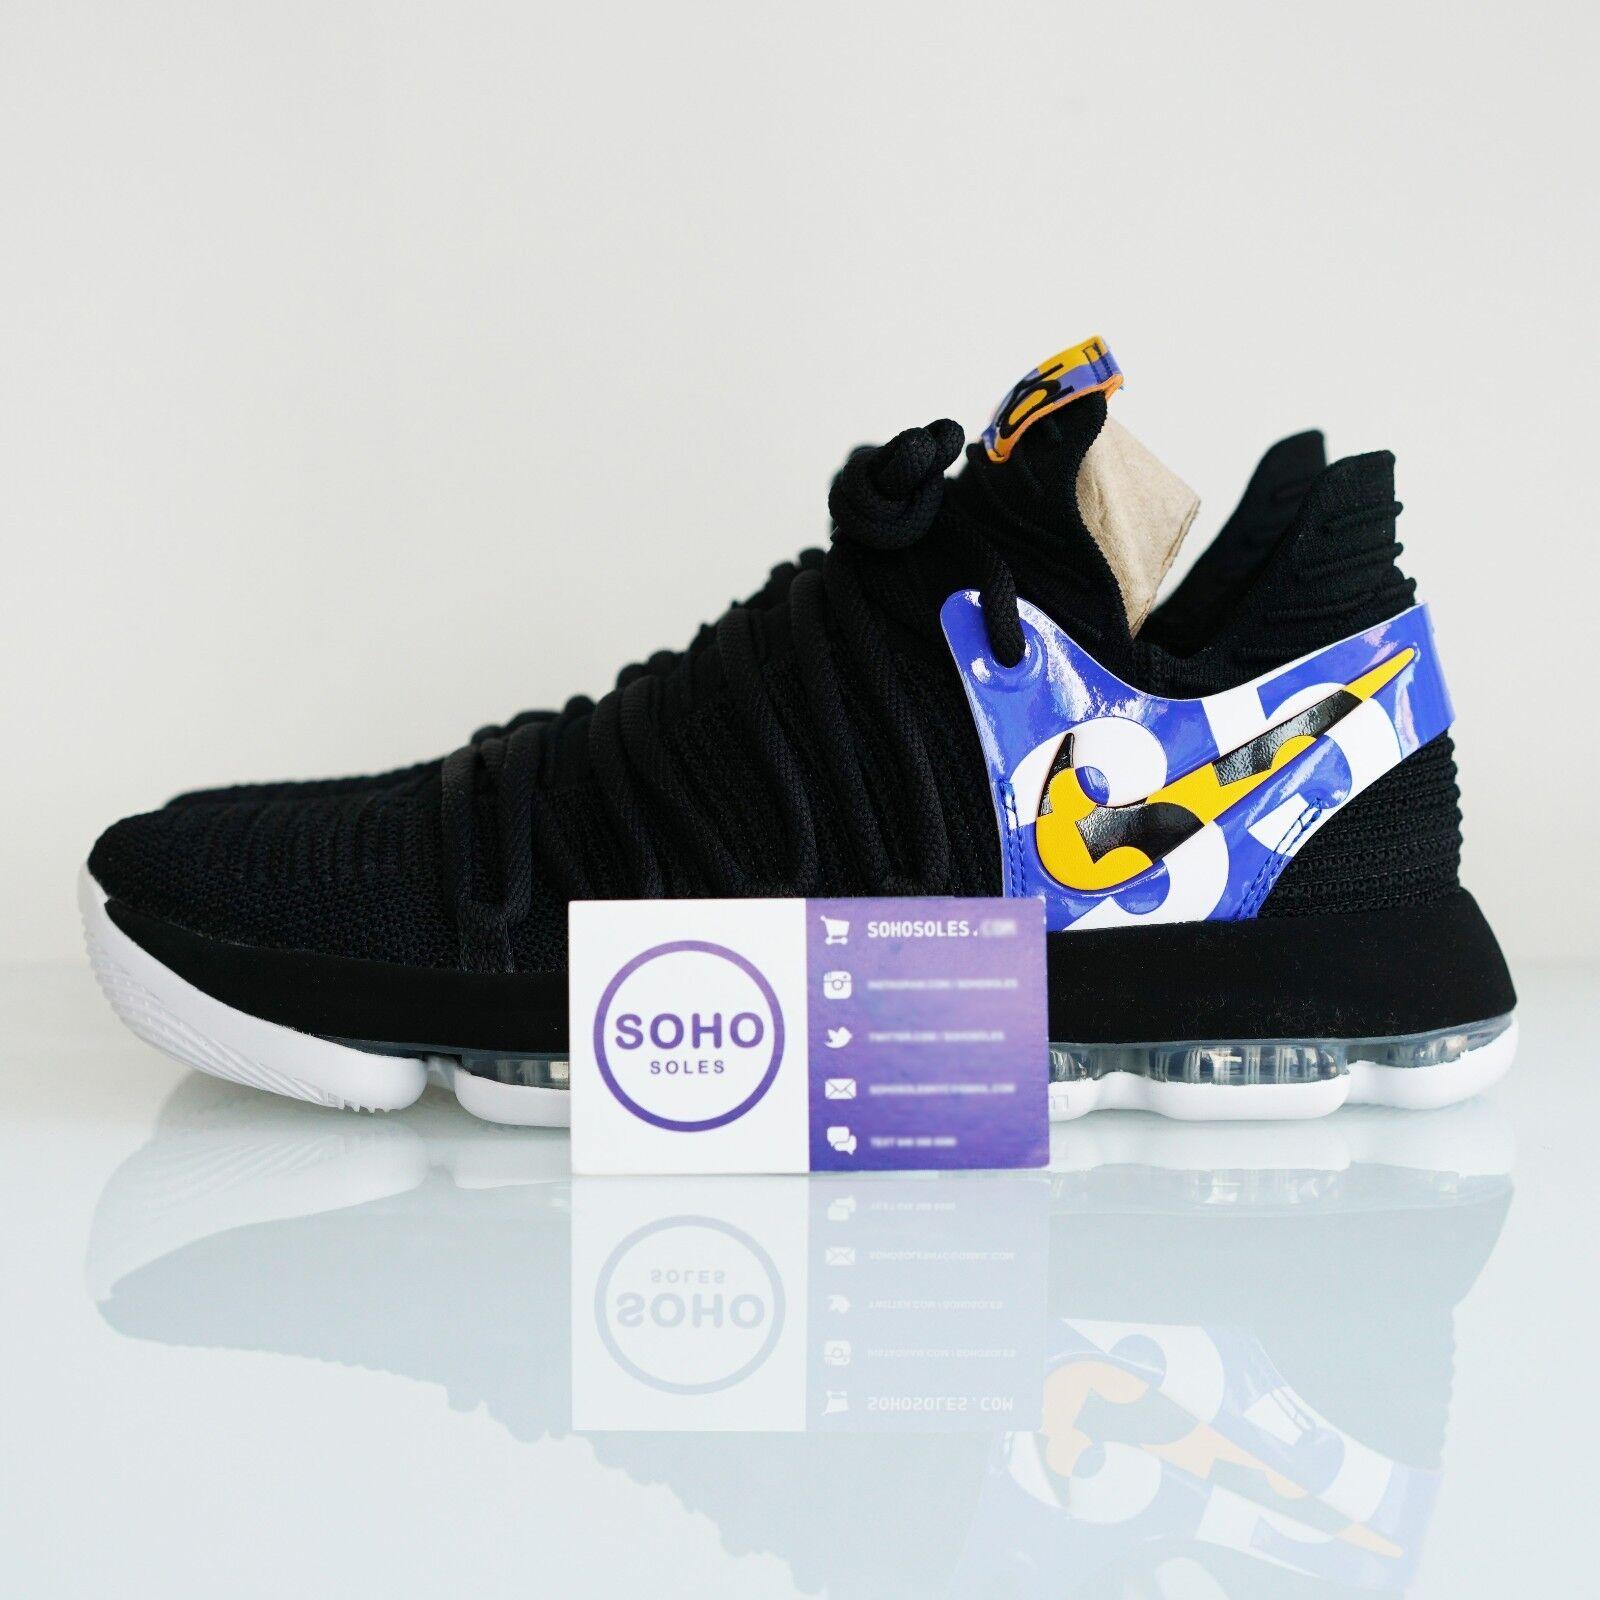 Nike Zoom KD anteojeras 10 X TV PE anteojeras KD av0771-001 8 9,5 de 10 10,5 11 qué Durant nuevos zapatos para hombres y mujeres, el limitado tiempo de descuento 163f08